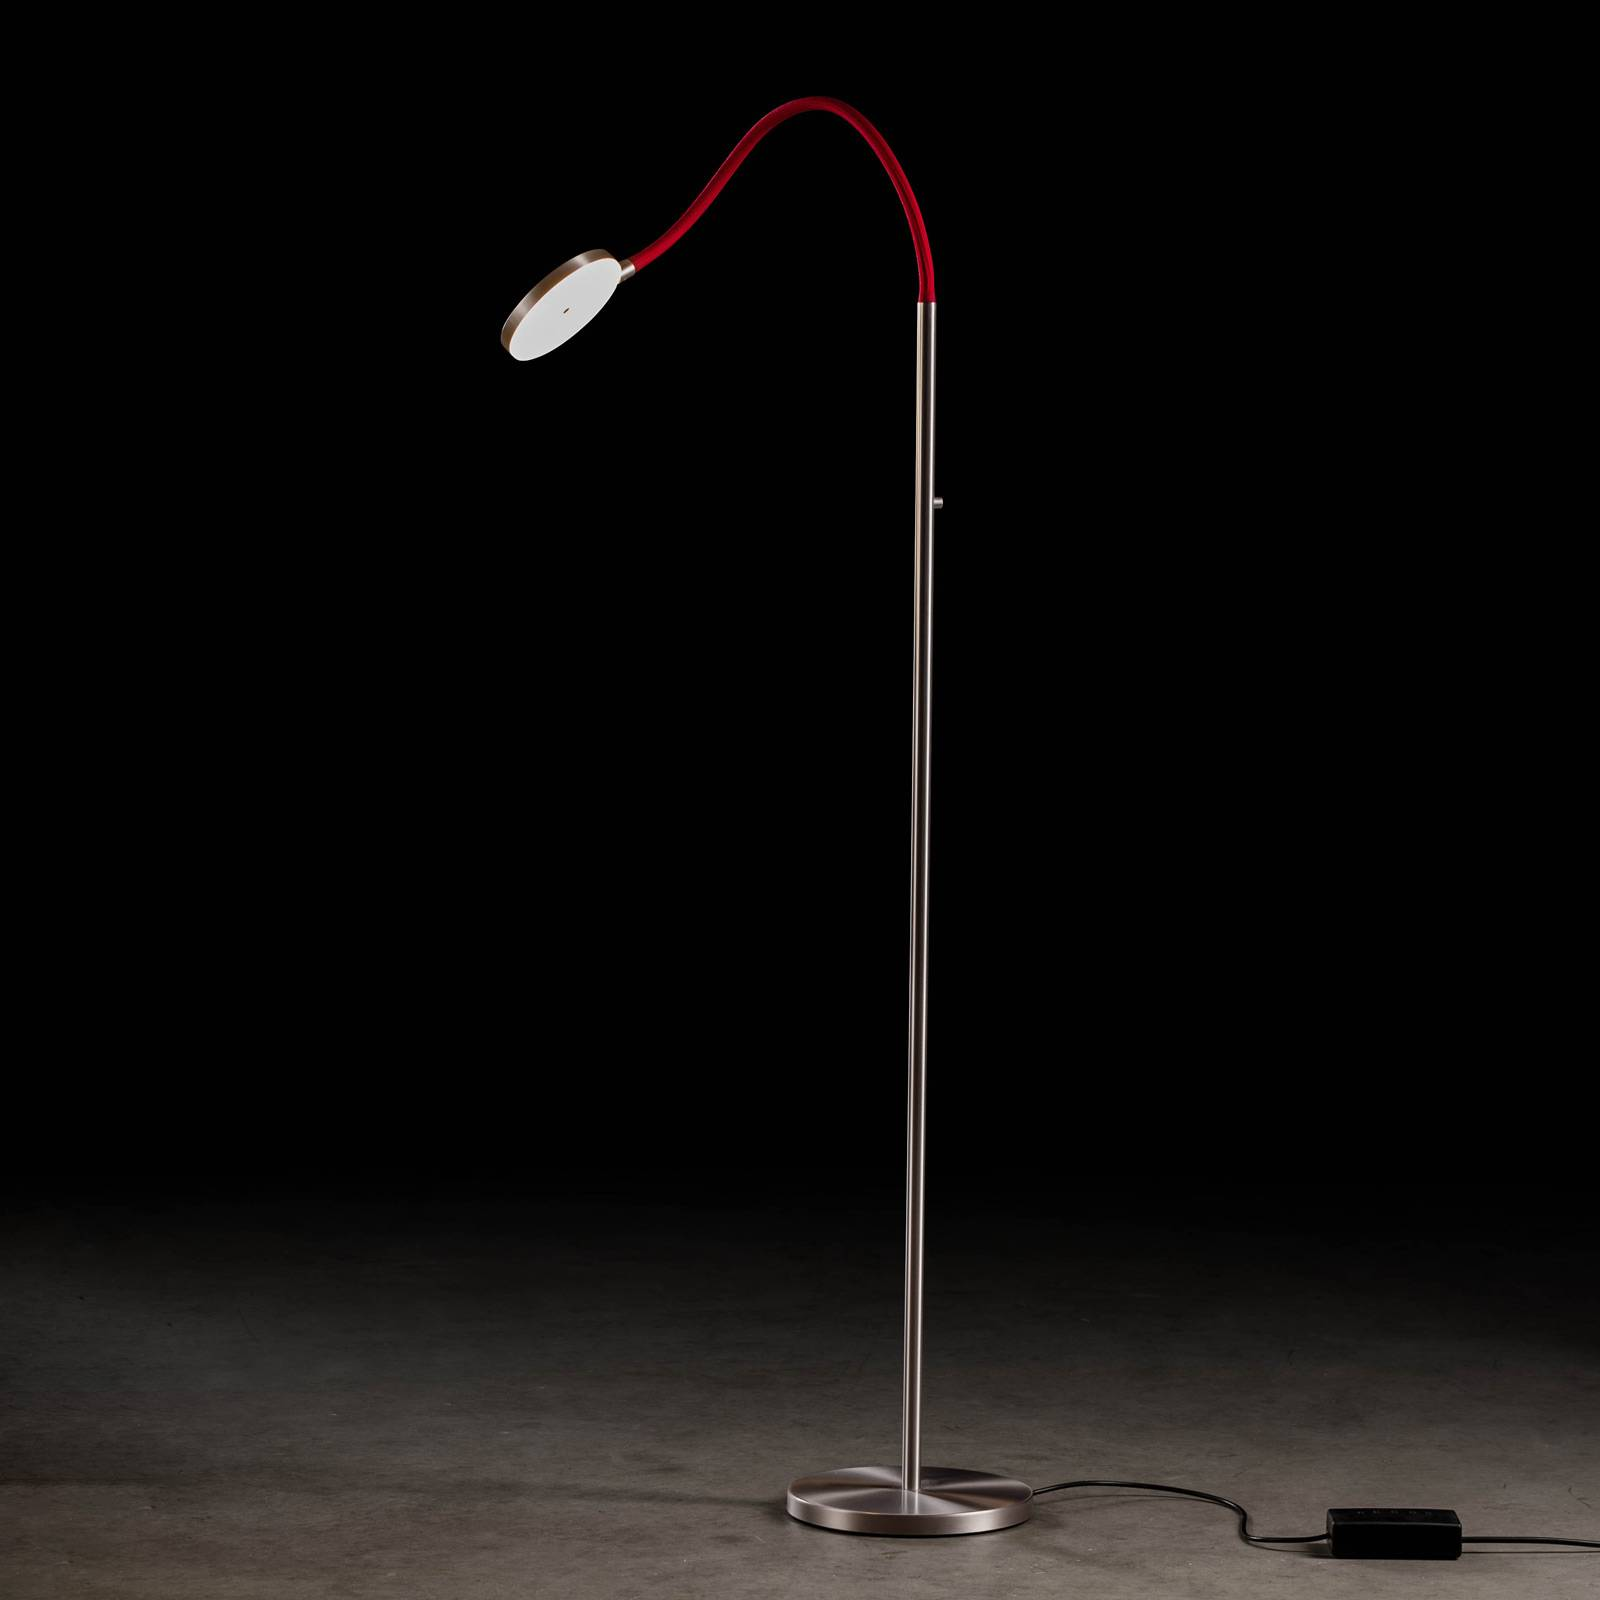 Holtkötter Flex S LED vloerlamp mat alu/rood